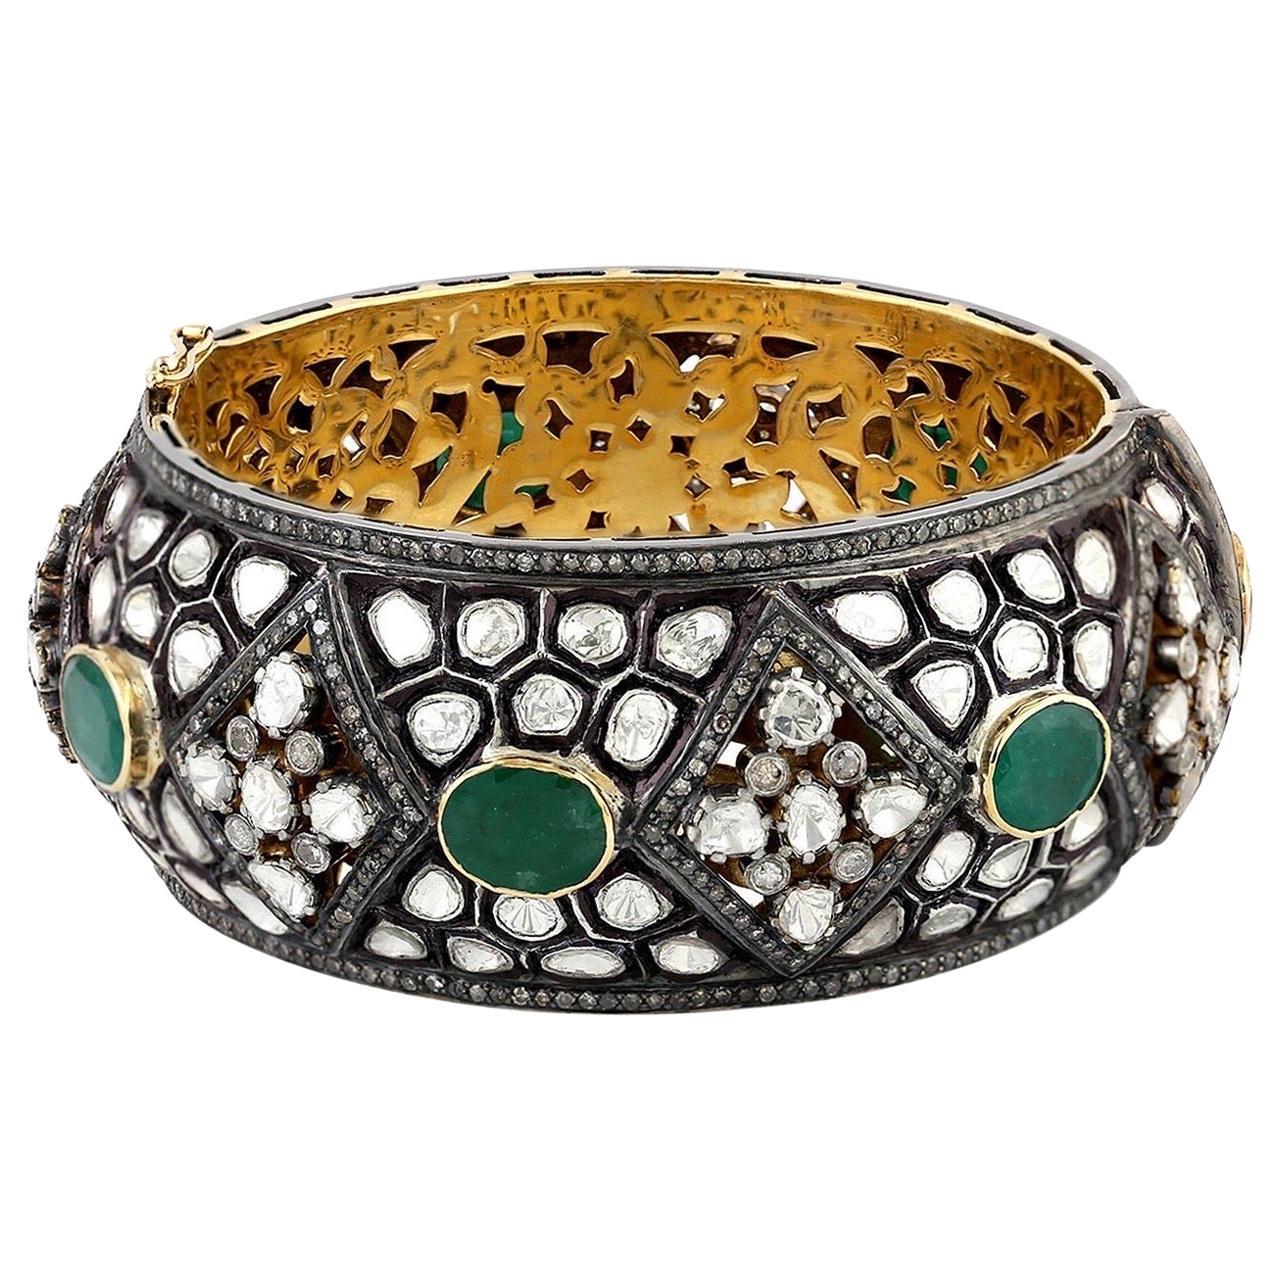 23.71 Carat Rose Cut Diamond Emerald Antique Style Bracelet Cuff